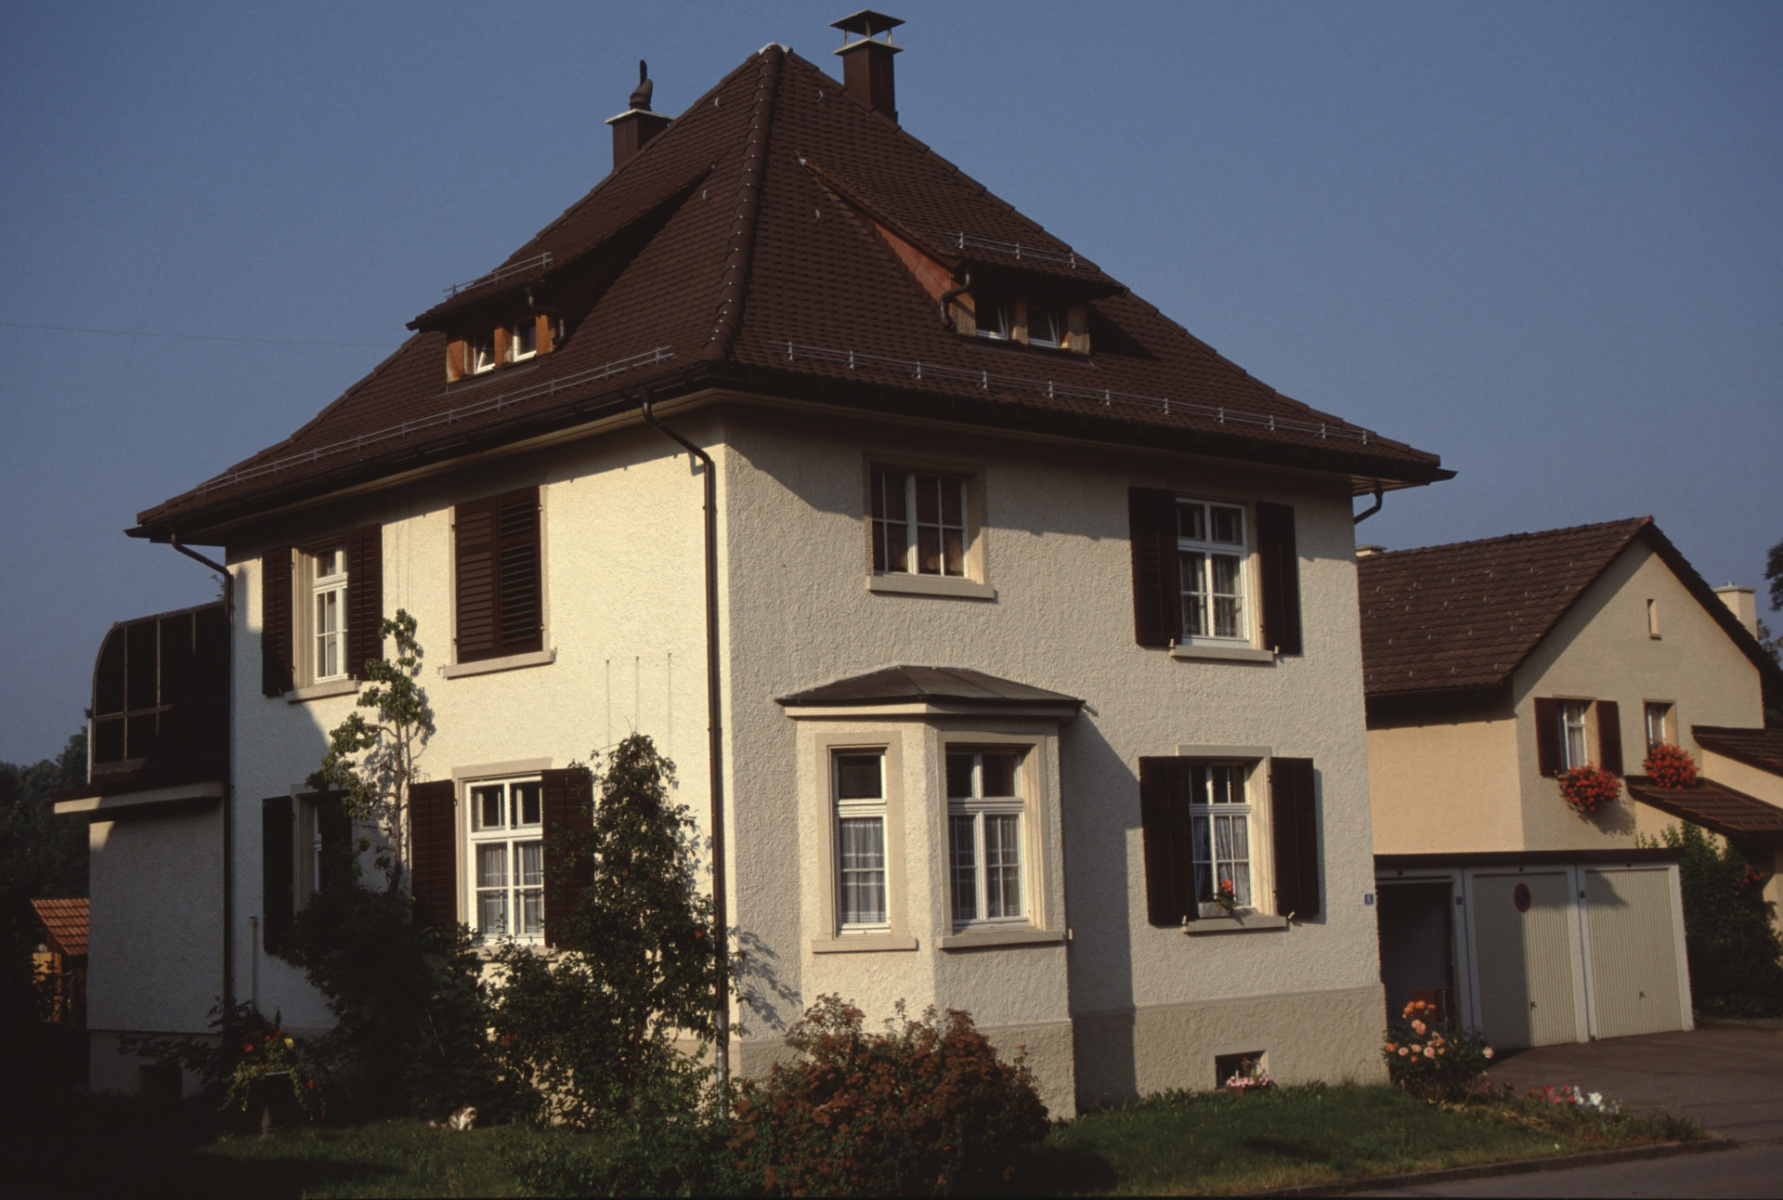 Bahnhofstr 15, Haus Toni Wäfler